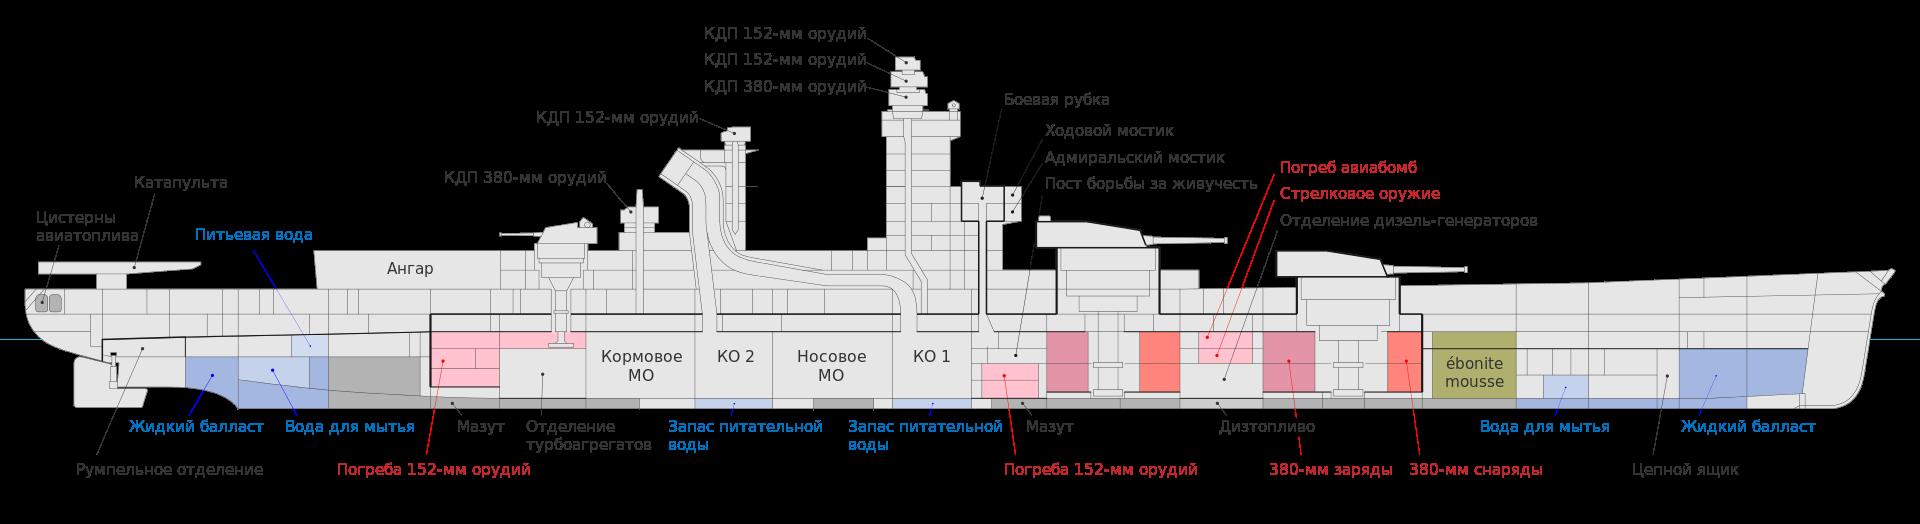 Richelieu_class_battleships_inboard_profile.svg